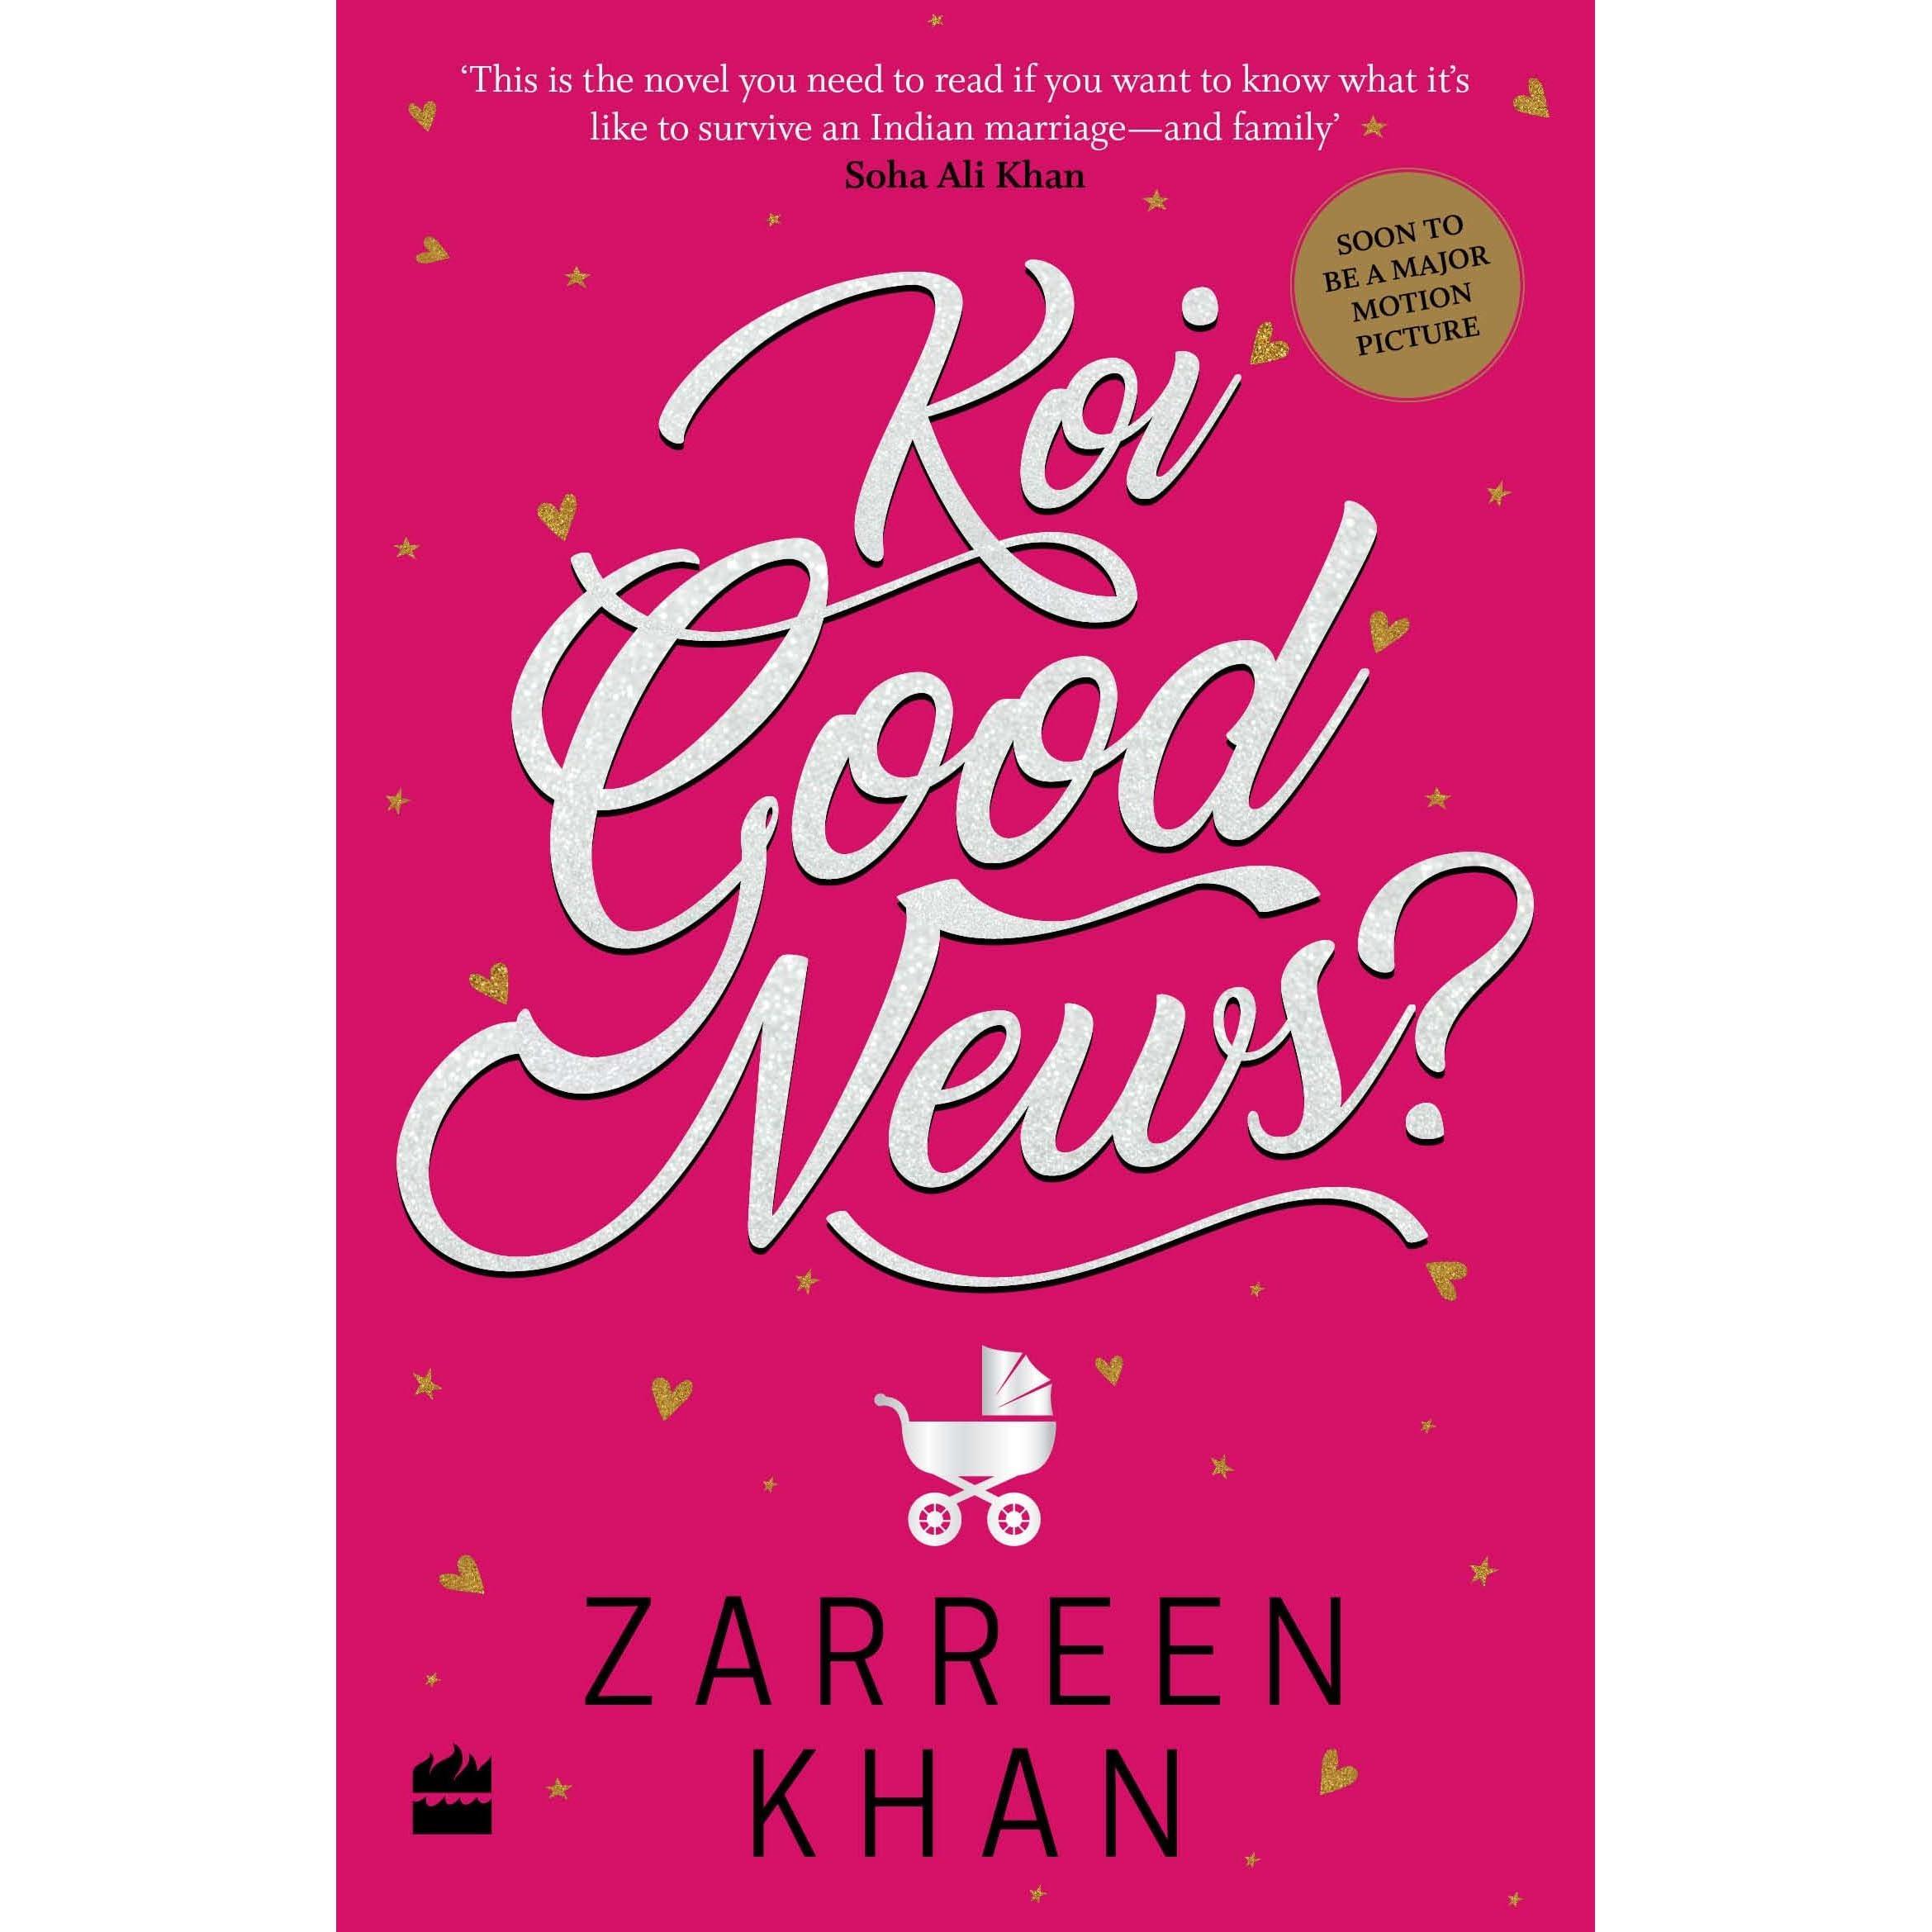 Koi Good News? by Zarreen Khan